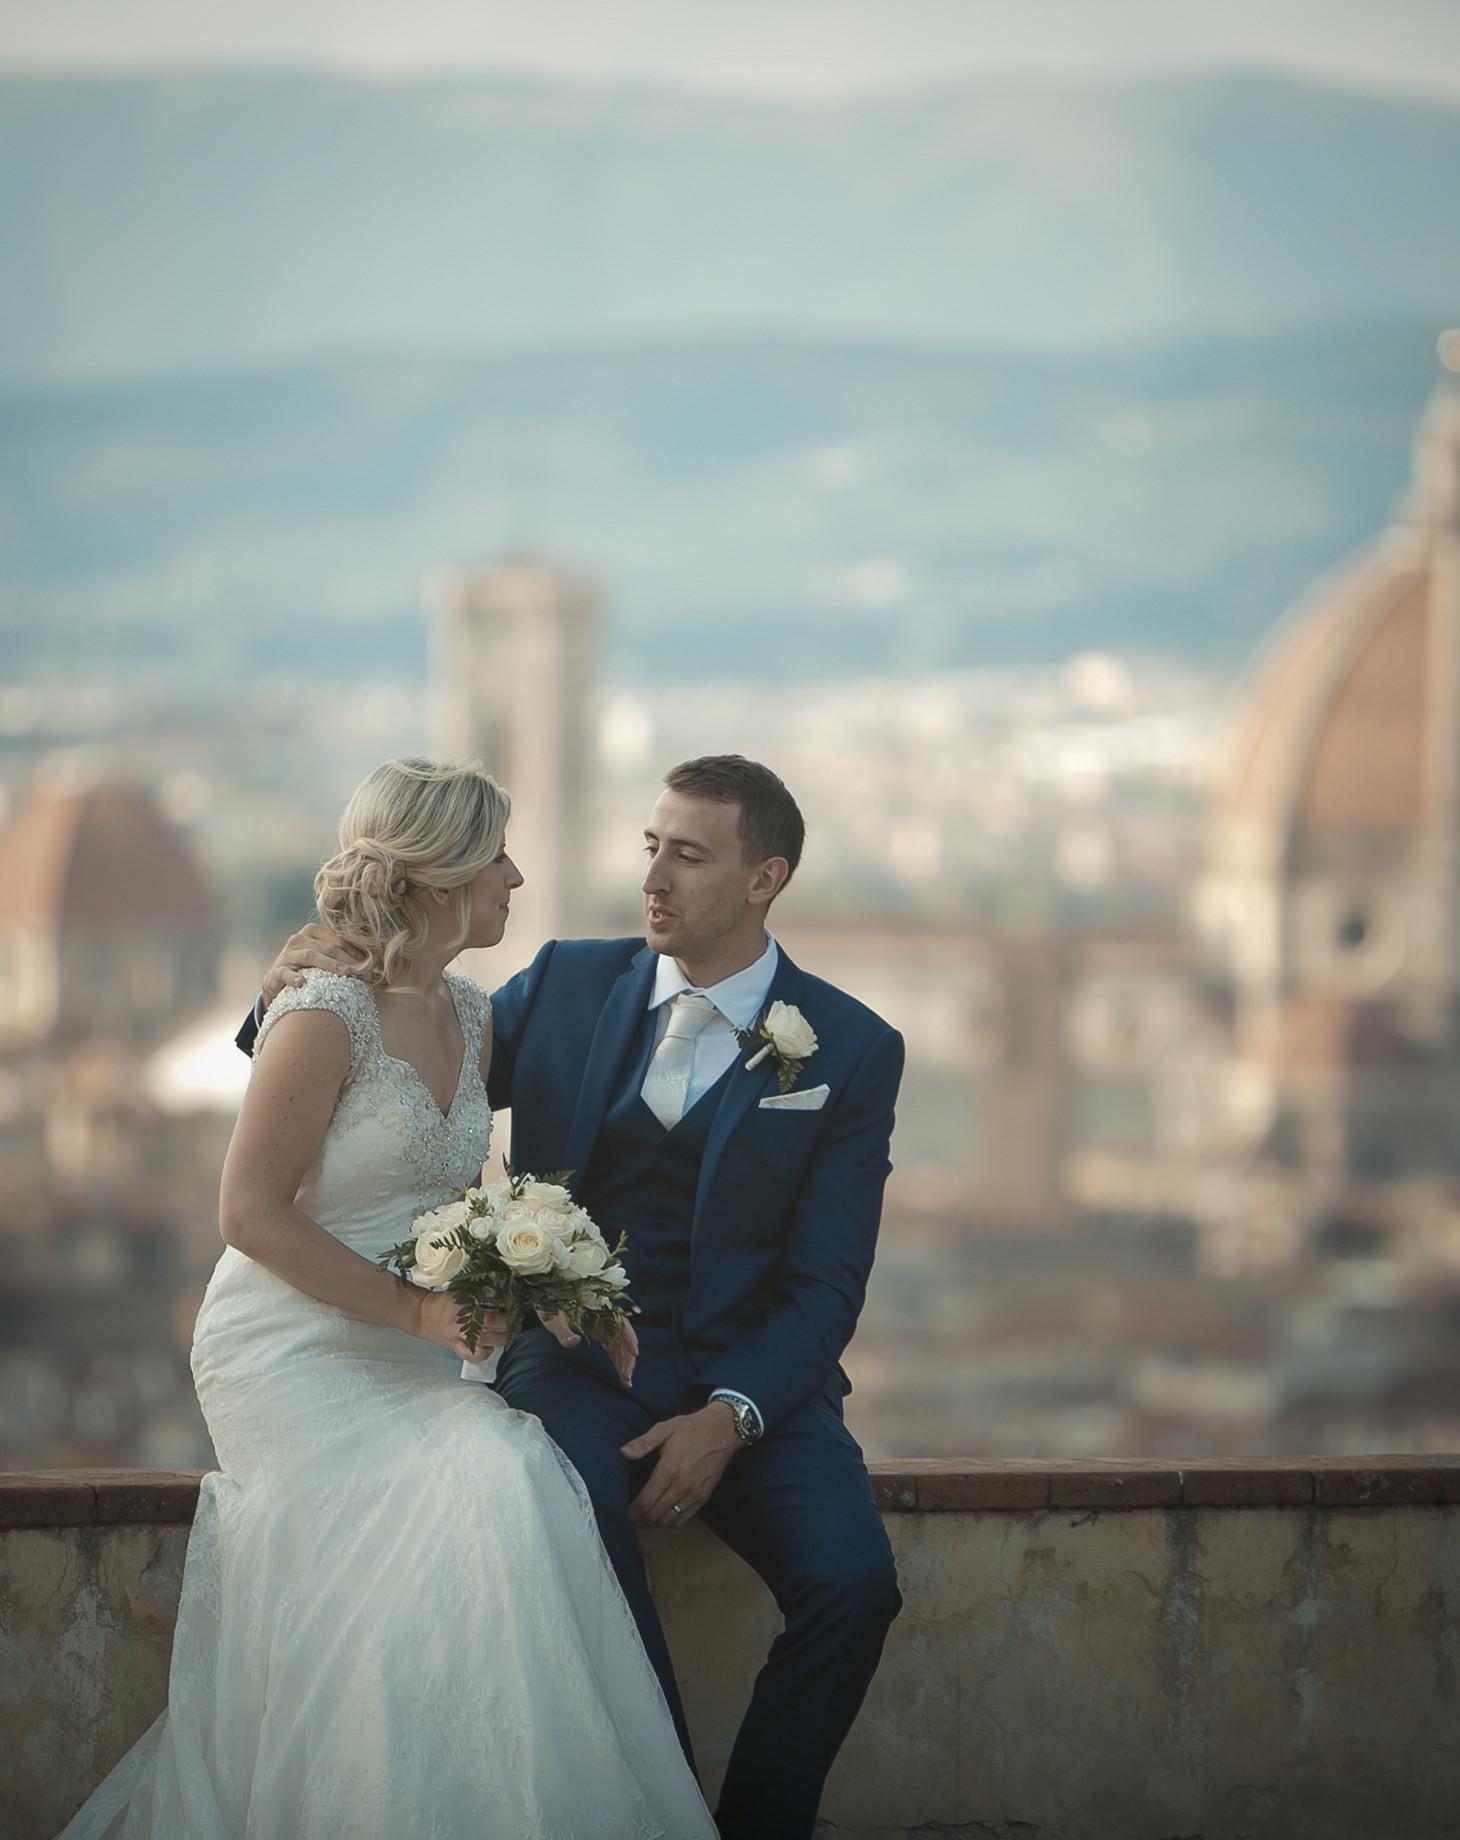 Laura & William | Florence